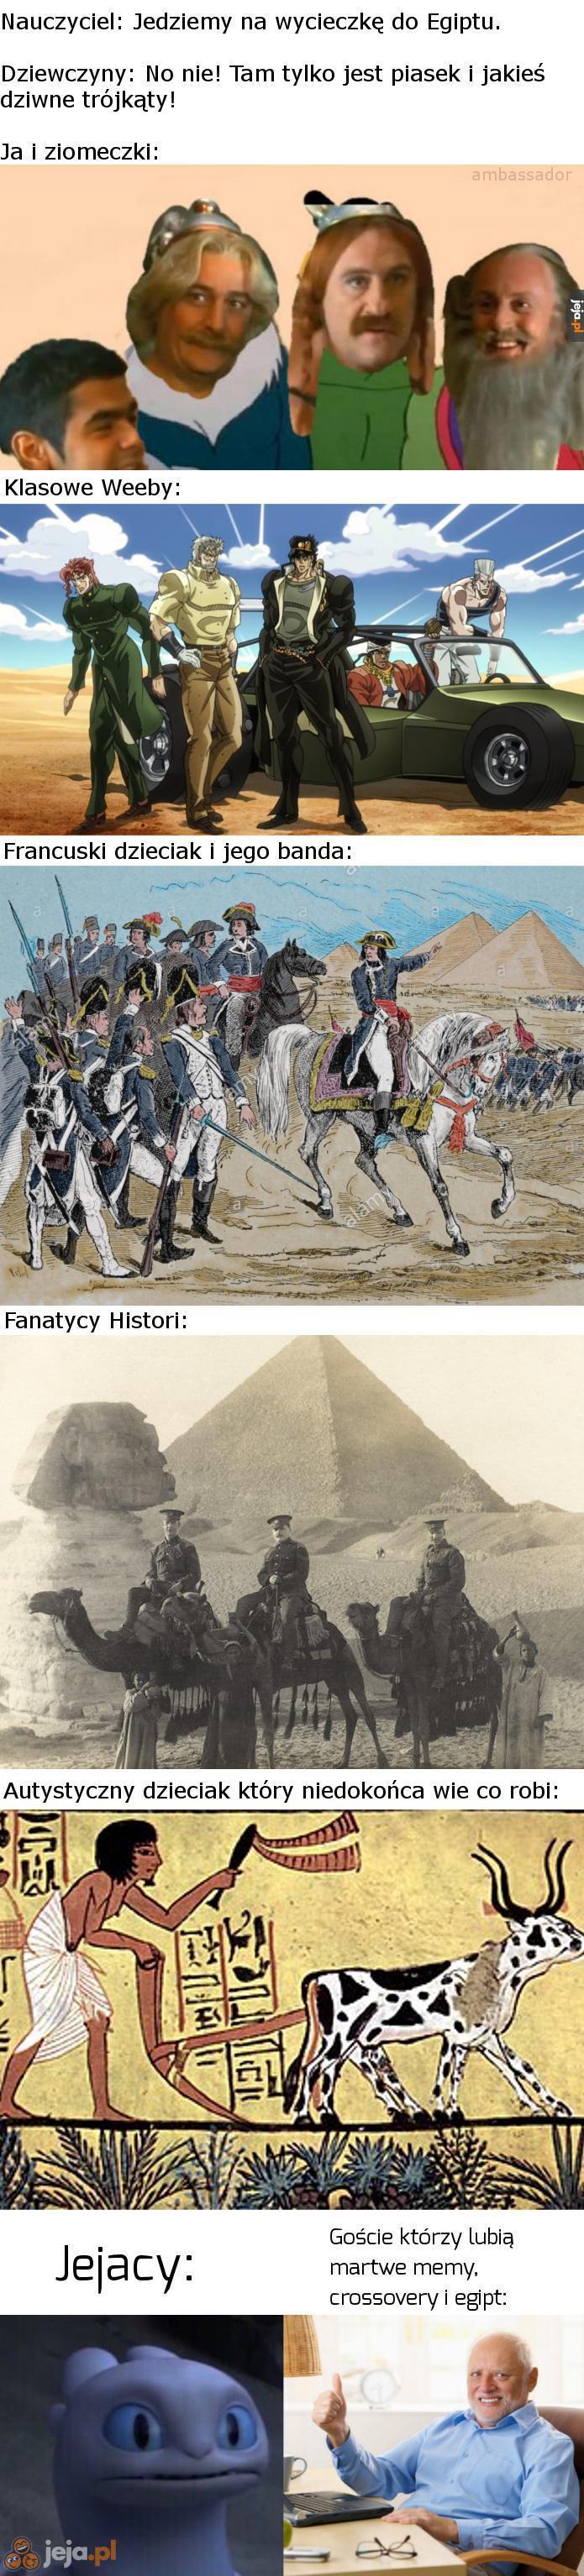 Egipski crossover